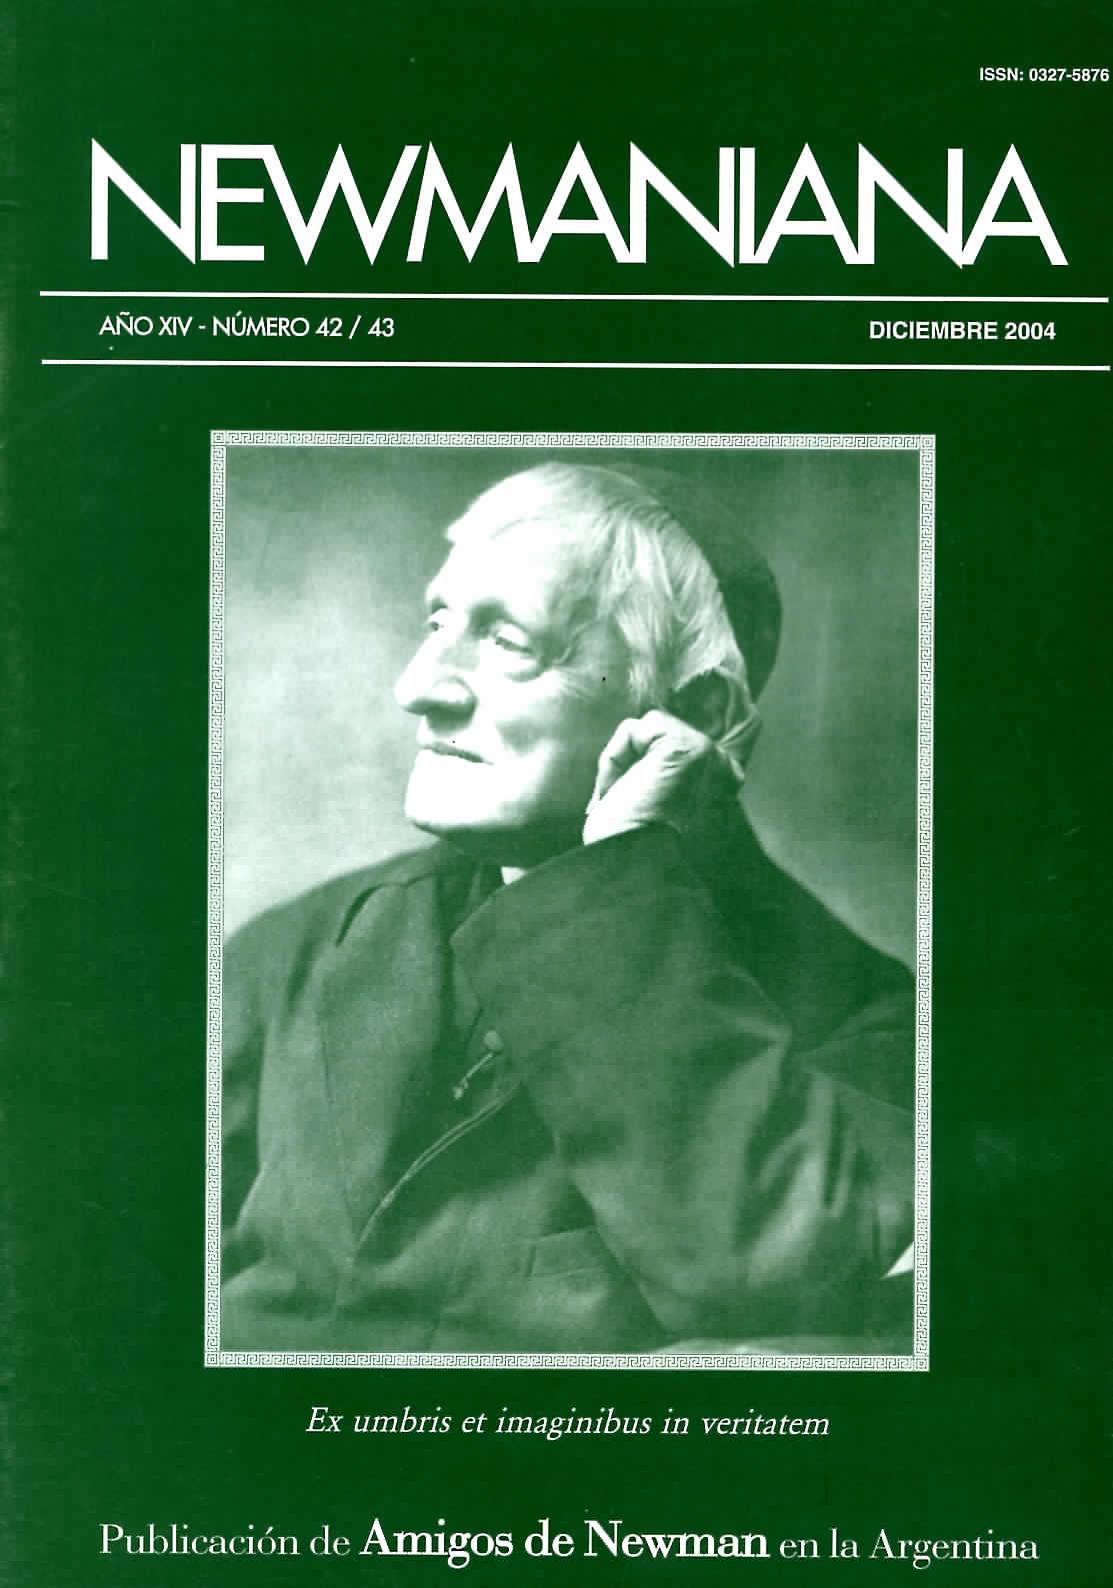 Revista Newmaniana N° 42/43 – Diciembre 2004